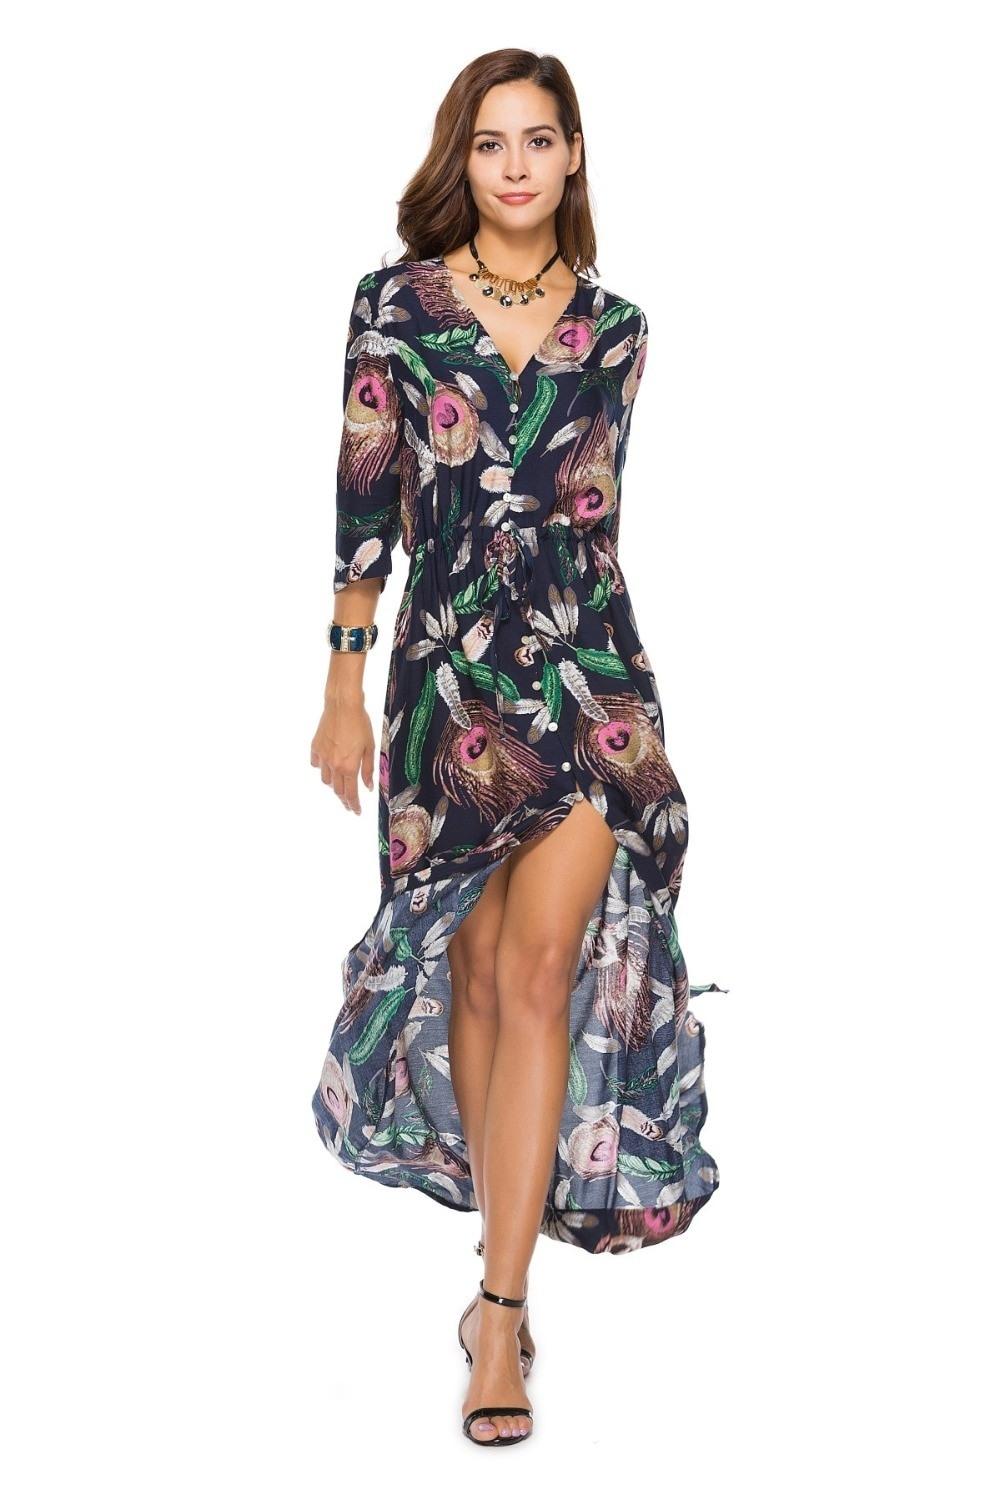 10 Perfekt Schöne Kleider Für Frauen Boutique10 Schön Schöne Kleider Für Frauen Vertrieb